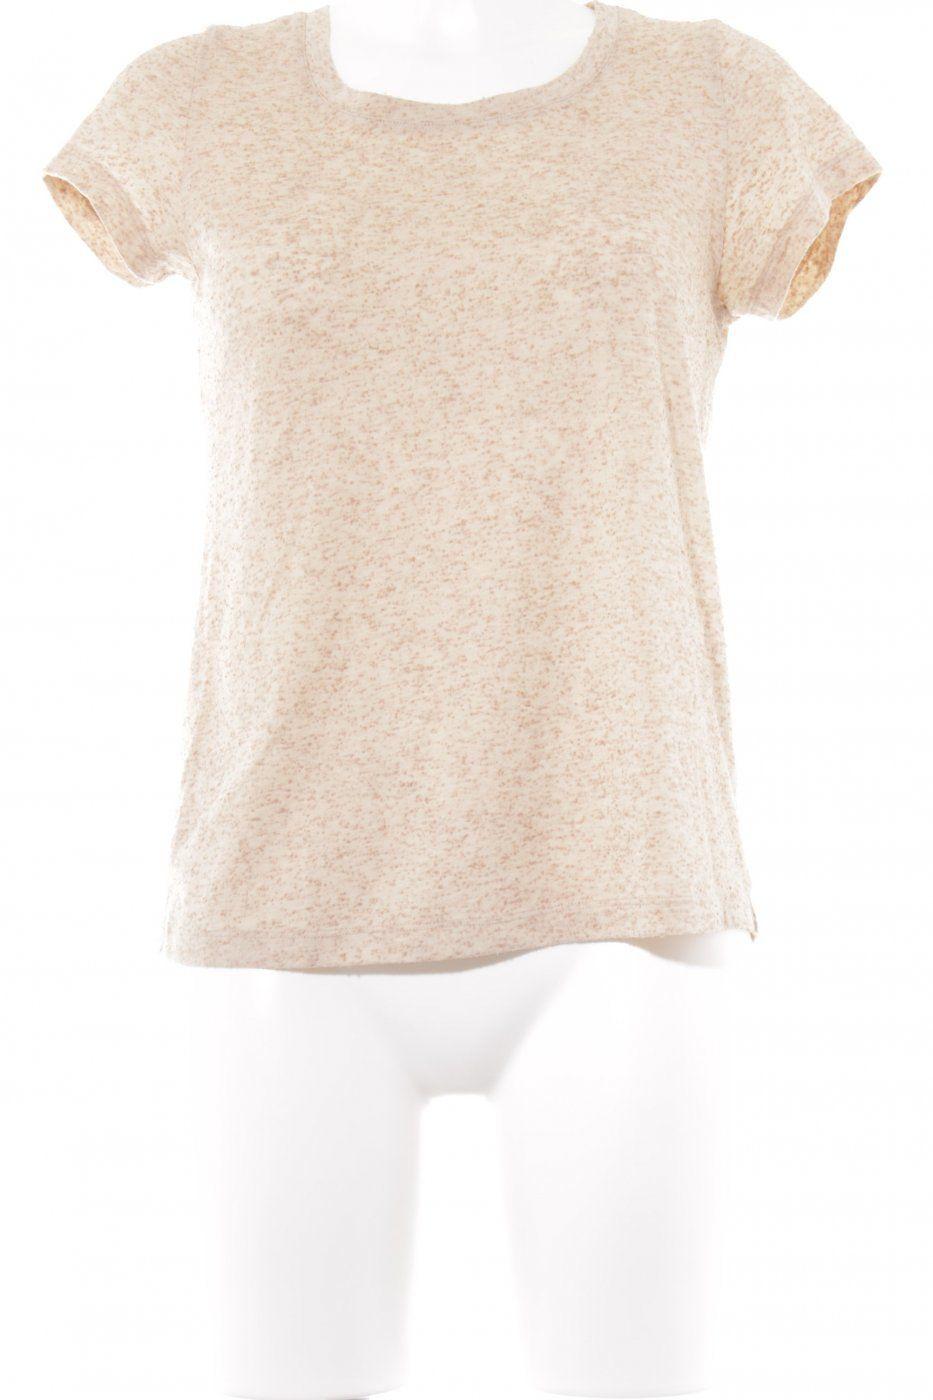 Imps Elfs T Shirt Alaska Madchen Mischfarben Altrosa Grosse 86 Hemd Mischfarben Madchen